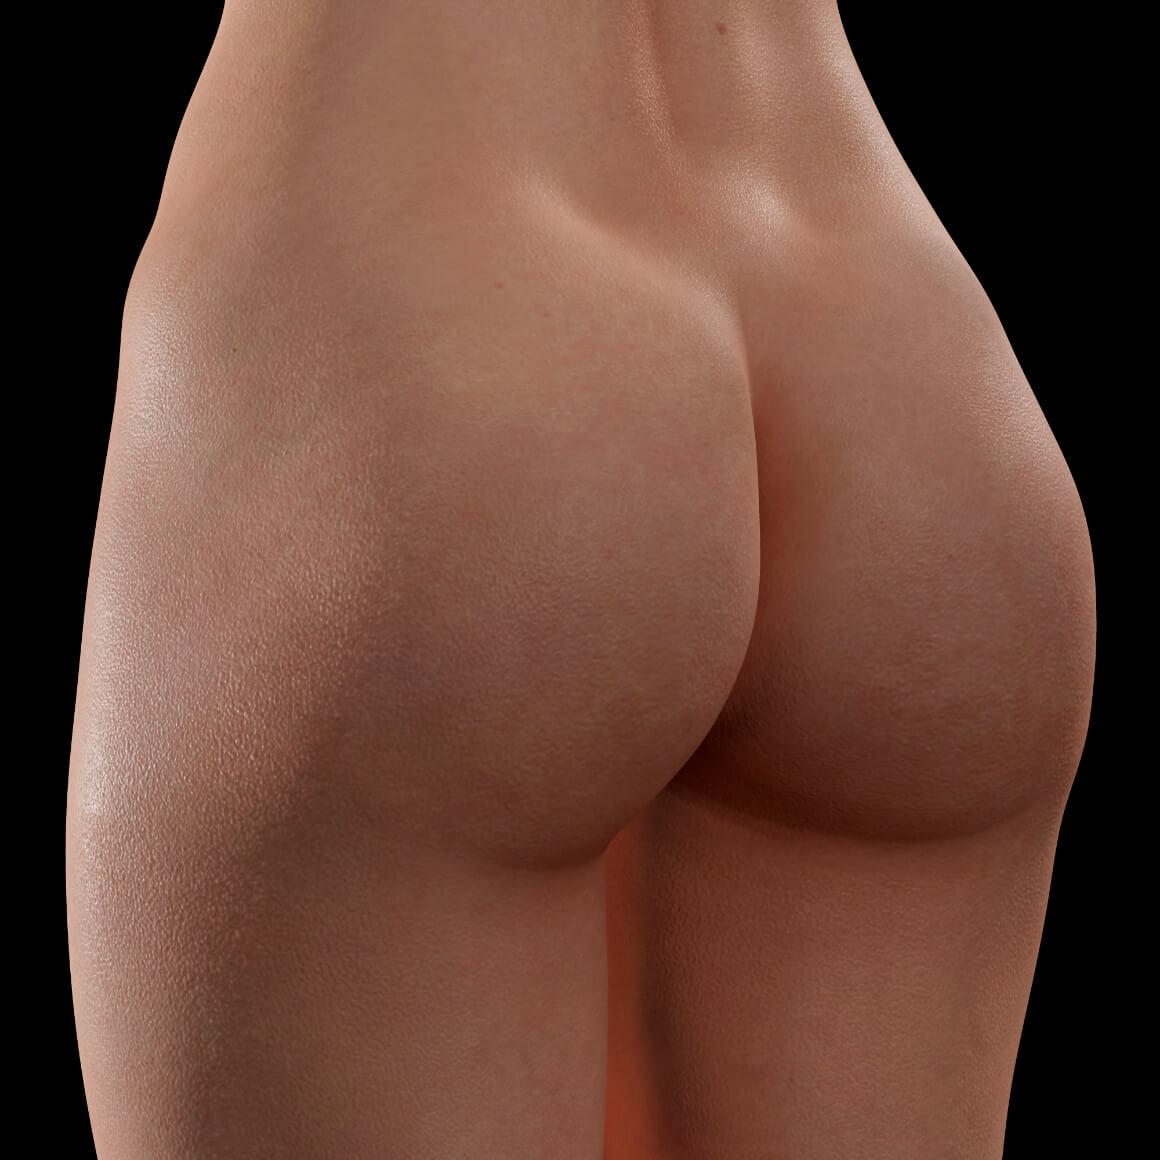 Patient à Clinique Chloé positionné en angle après un traitement d'augmentation des fesses avec des injections de Sculptra